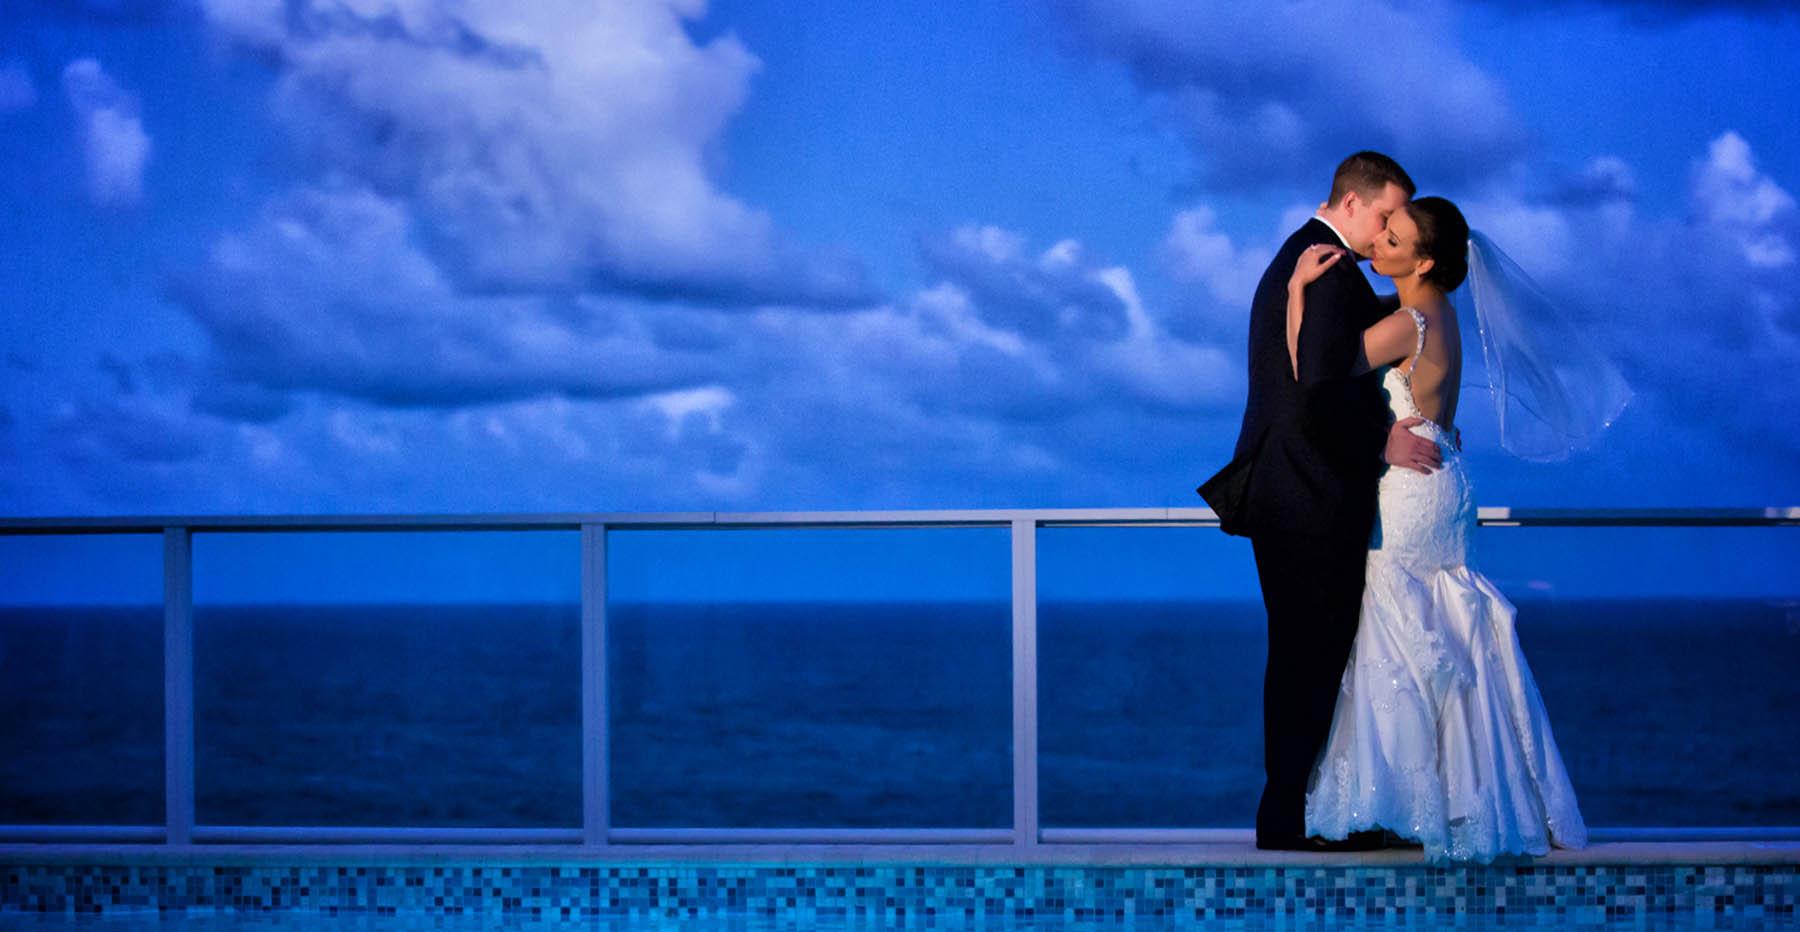 wedding couple overlooking water